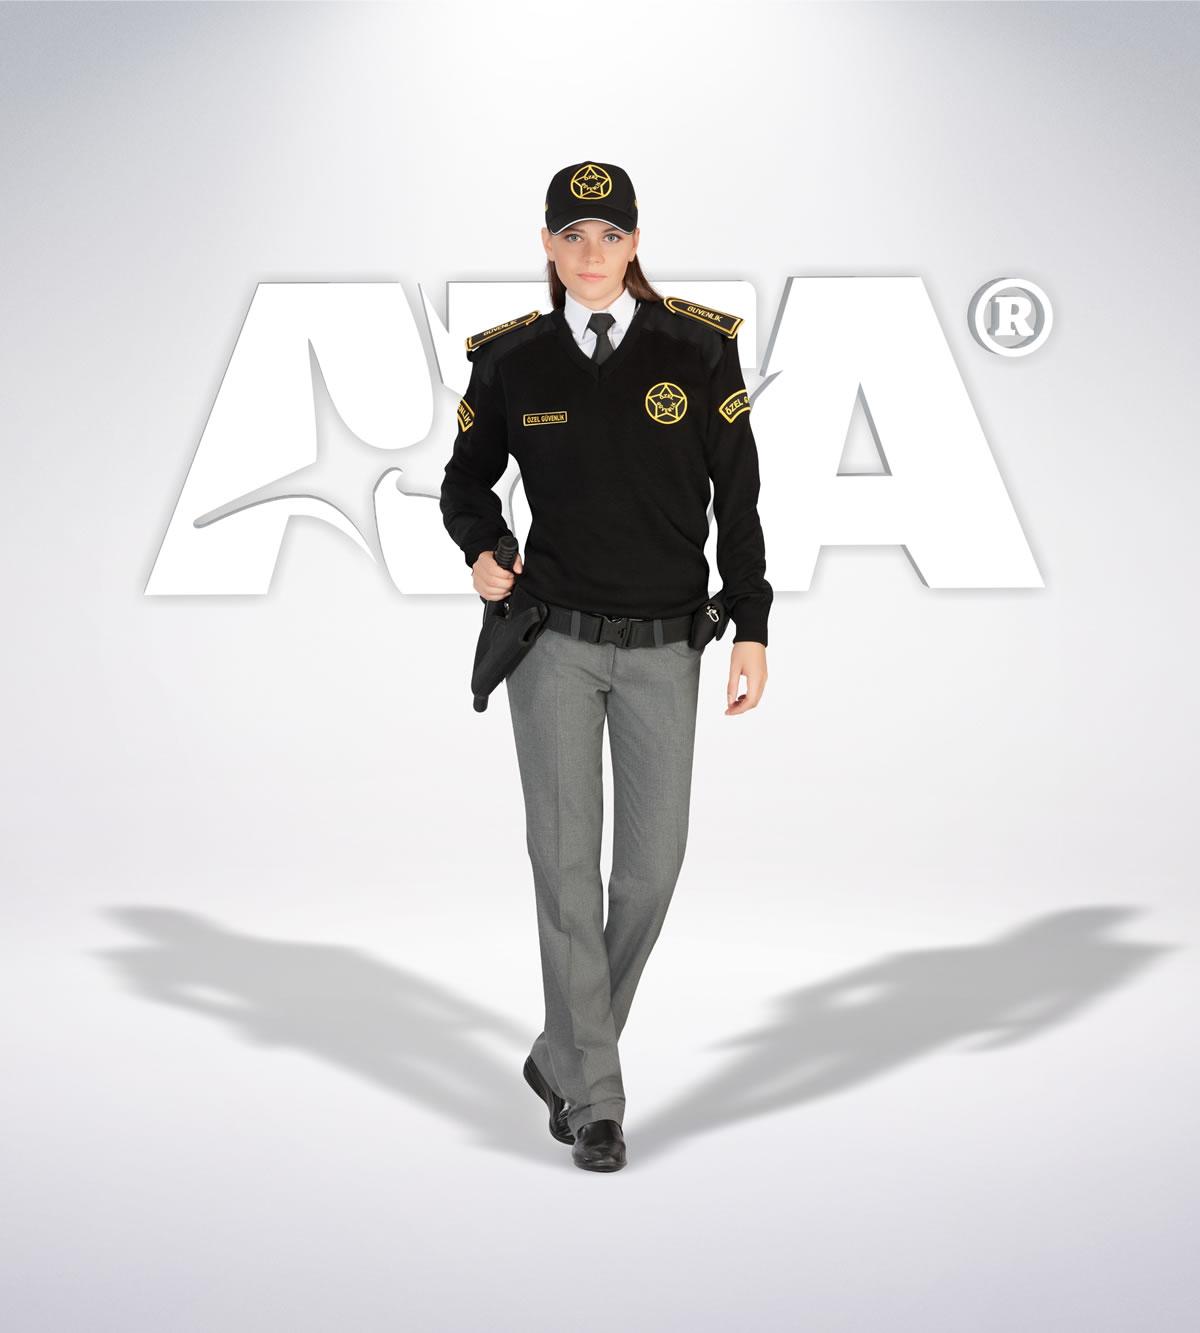 ATA 150 - Pantolon kışlık -  v yaka kazak - aksesuar- güvenlik elbiseleri | güvenlik üniformaları | güvenlik kıyafetleri